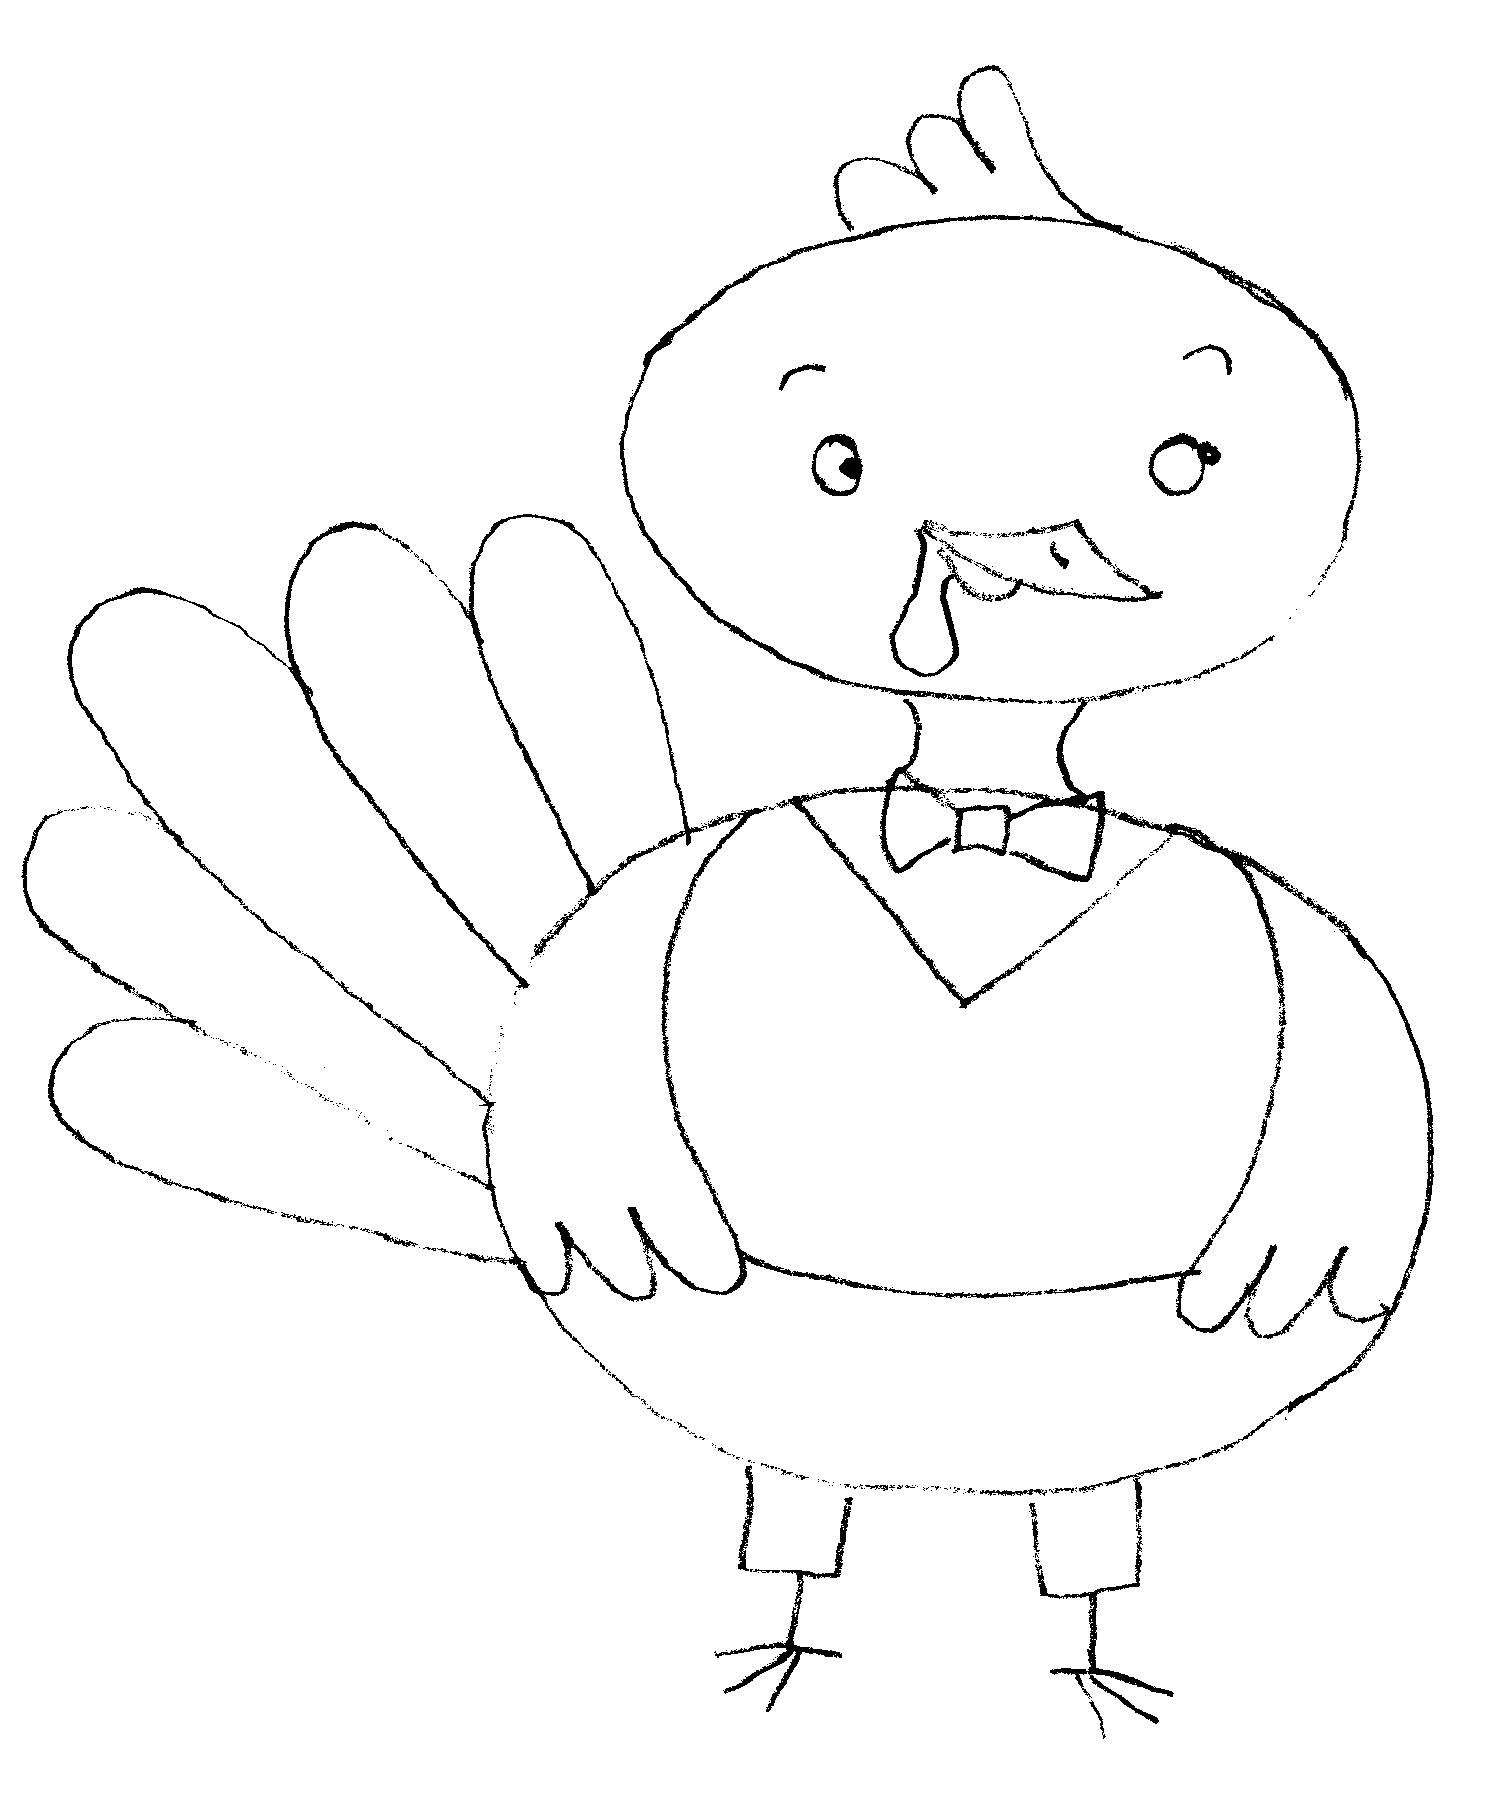 1500x1800 How To Draw A Turkey